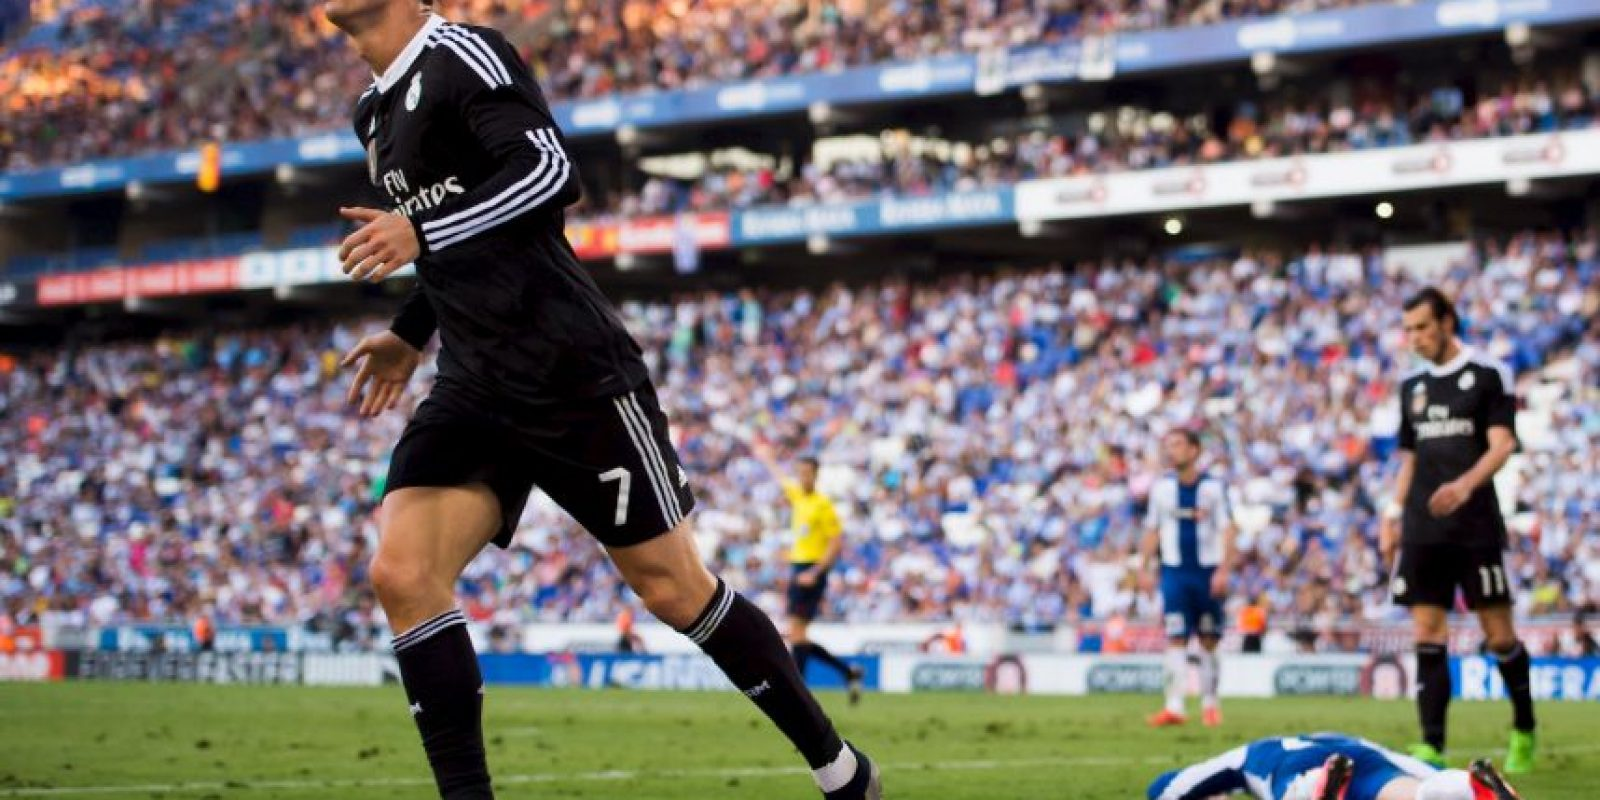 Aseguró que ganaría más Ligas de España con un equipo de veteranos que lo que ha cosechado el Madrid en los últimos siete años Foto:Getty Images